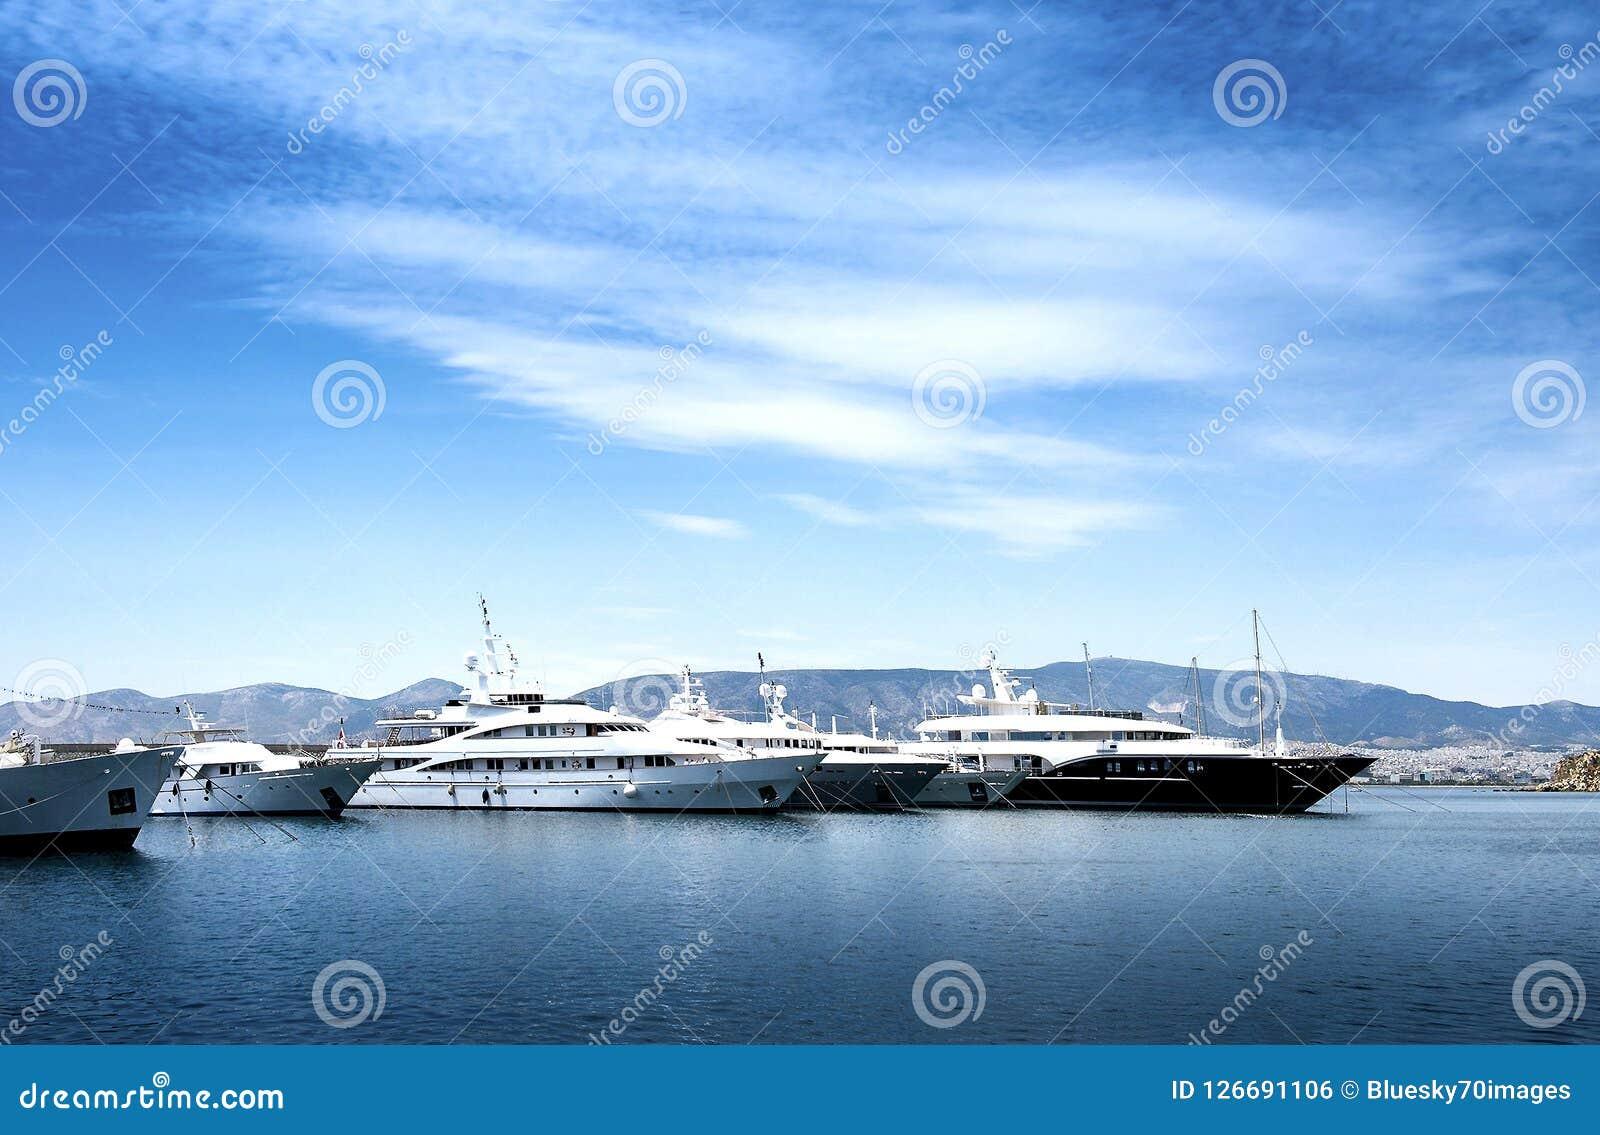 Canots automobiles et yachts de luxe au dock Marina Zeas, Le Pirée, GR